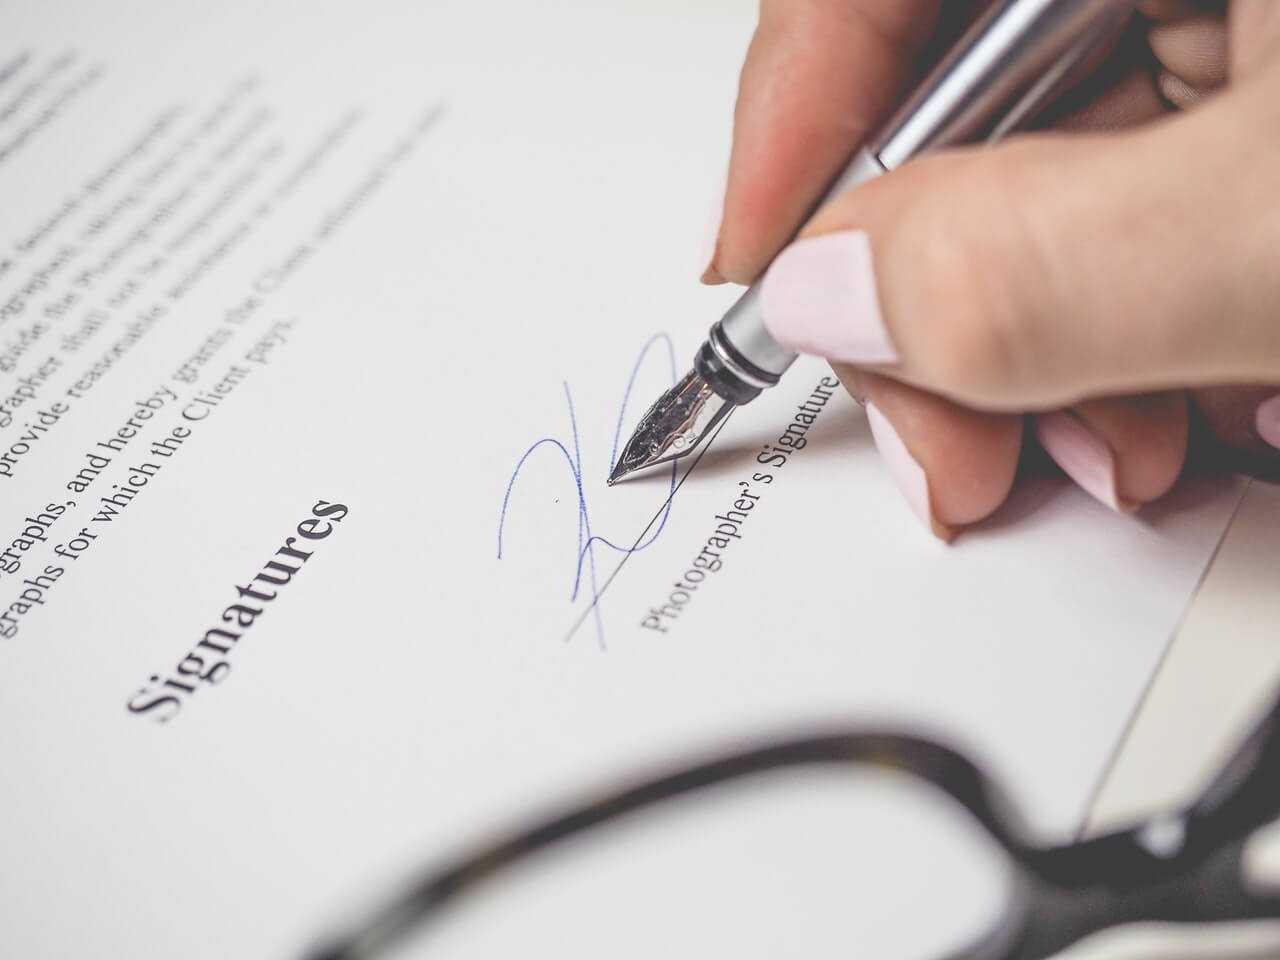 Umowa połówkowa – uważaj kupując używany samochód